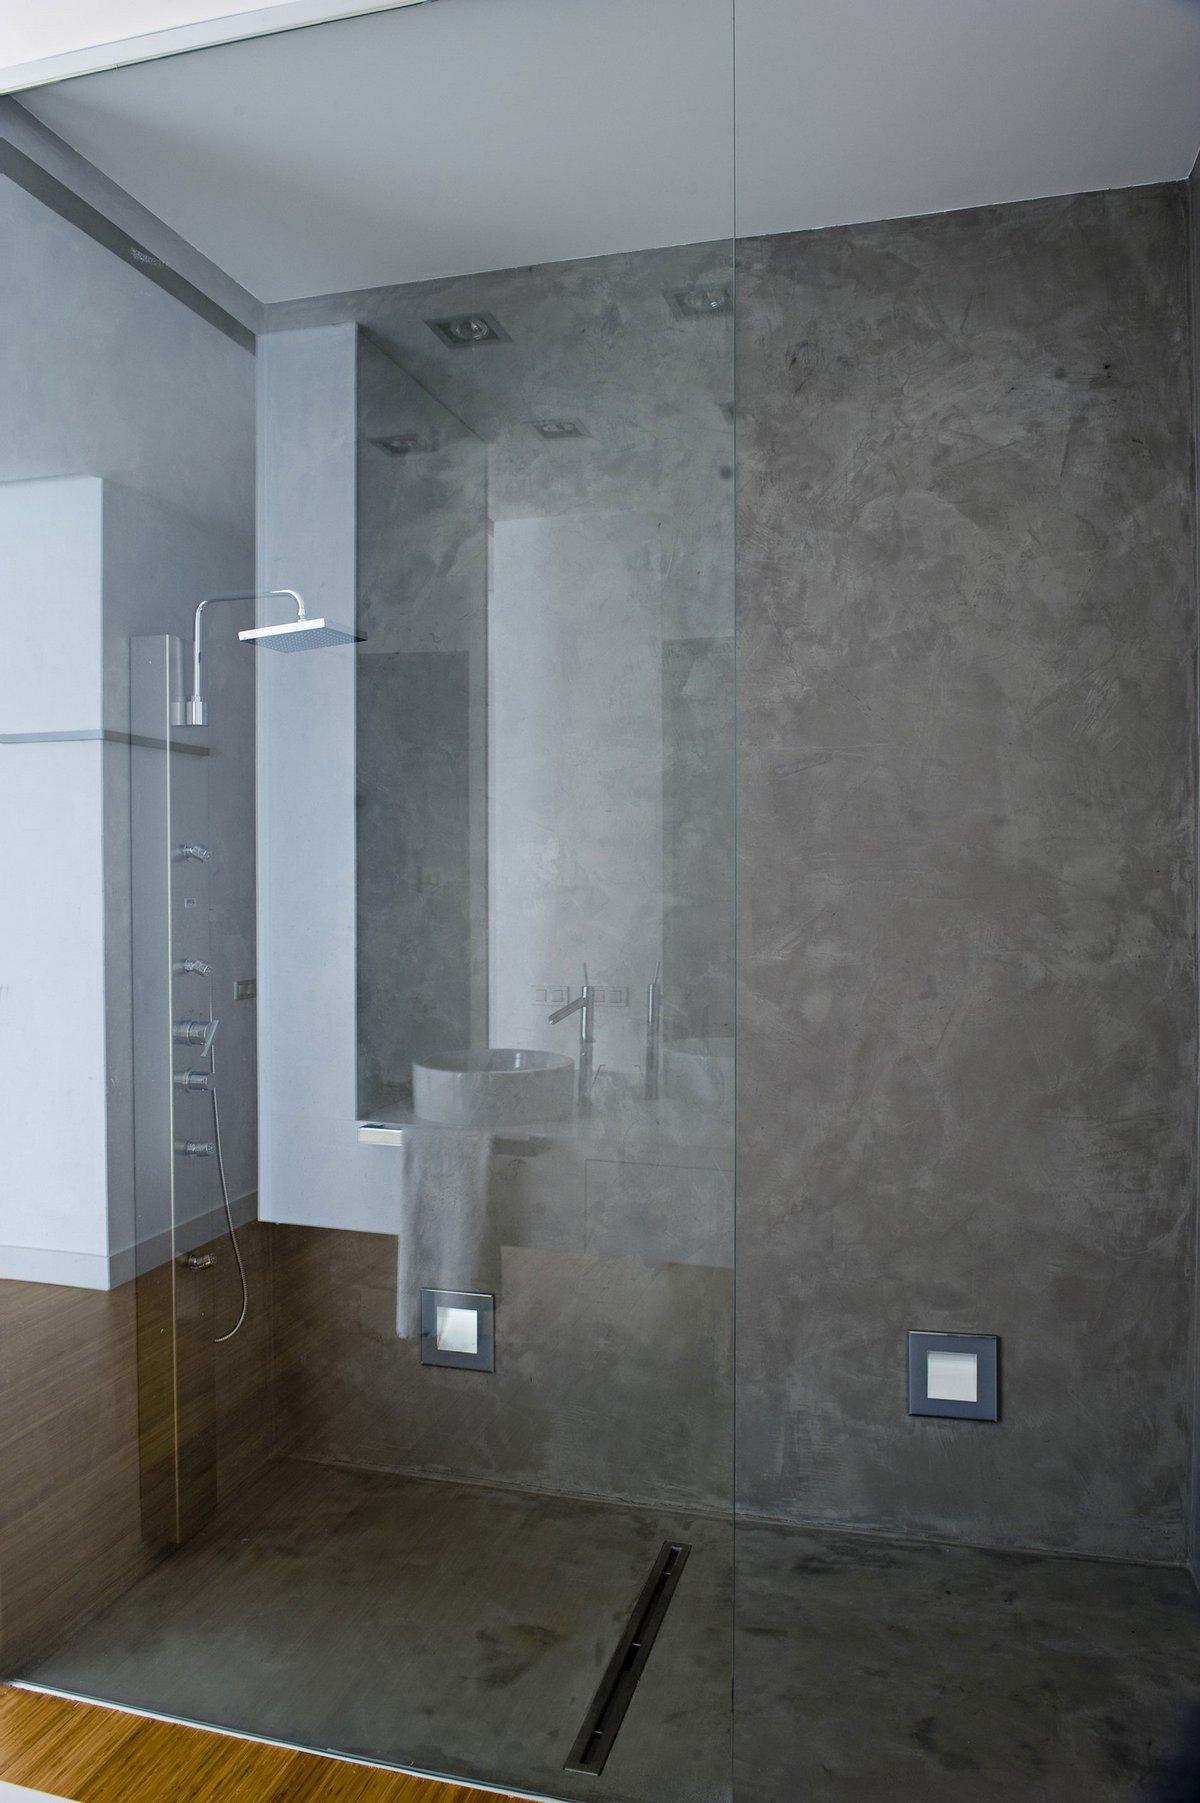 Loft Bordeaux, Teresa Sapey Estudio, фотографии лофт, лофт примеры, дизайн интерьера частного дома, дом в Бордо, крытый бассейн в доме, бильярд в доме